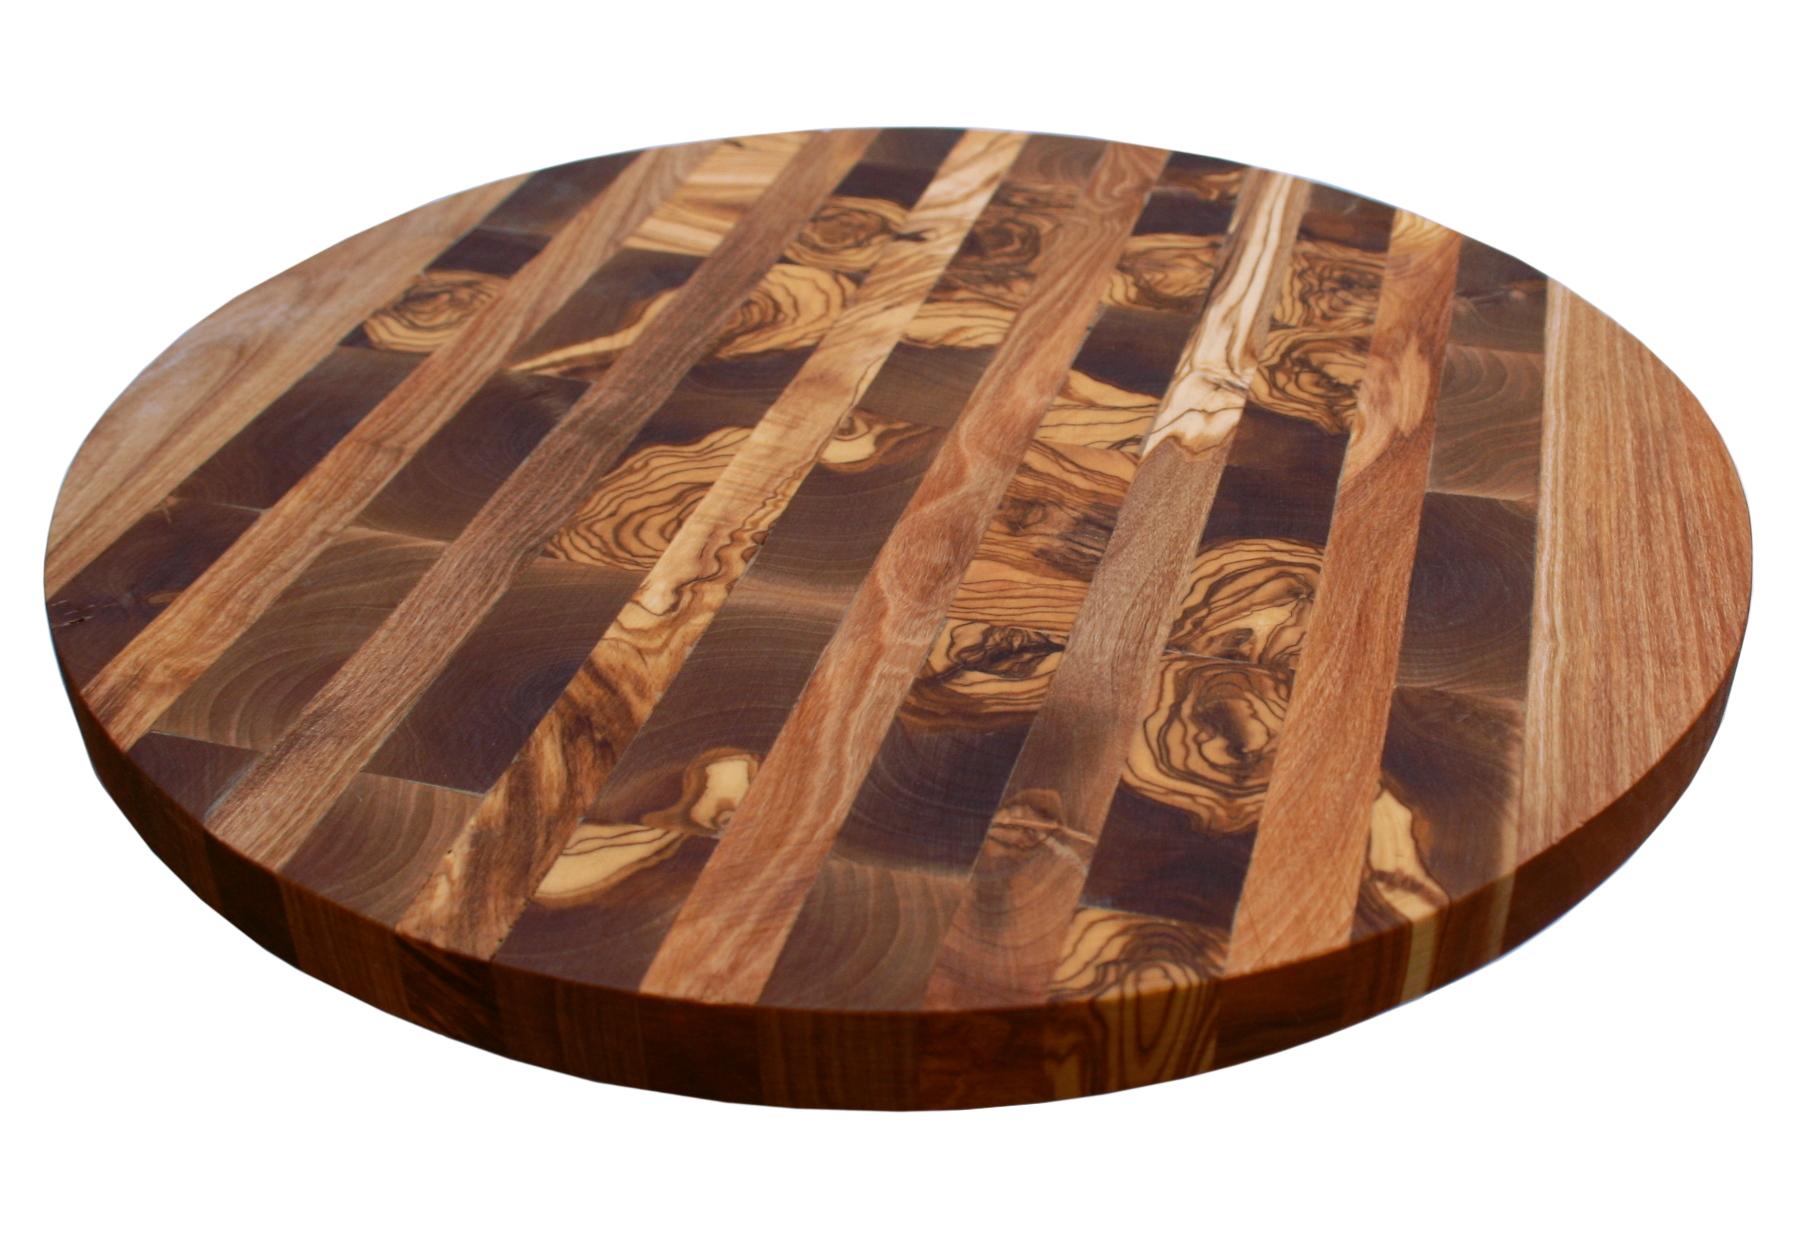 Bonito tablas de madera para cocina fotos tabla de cortar con borde especial para no esparcir for Tablas de madera